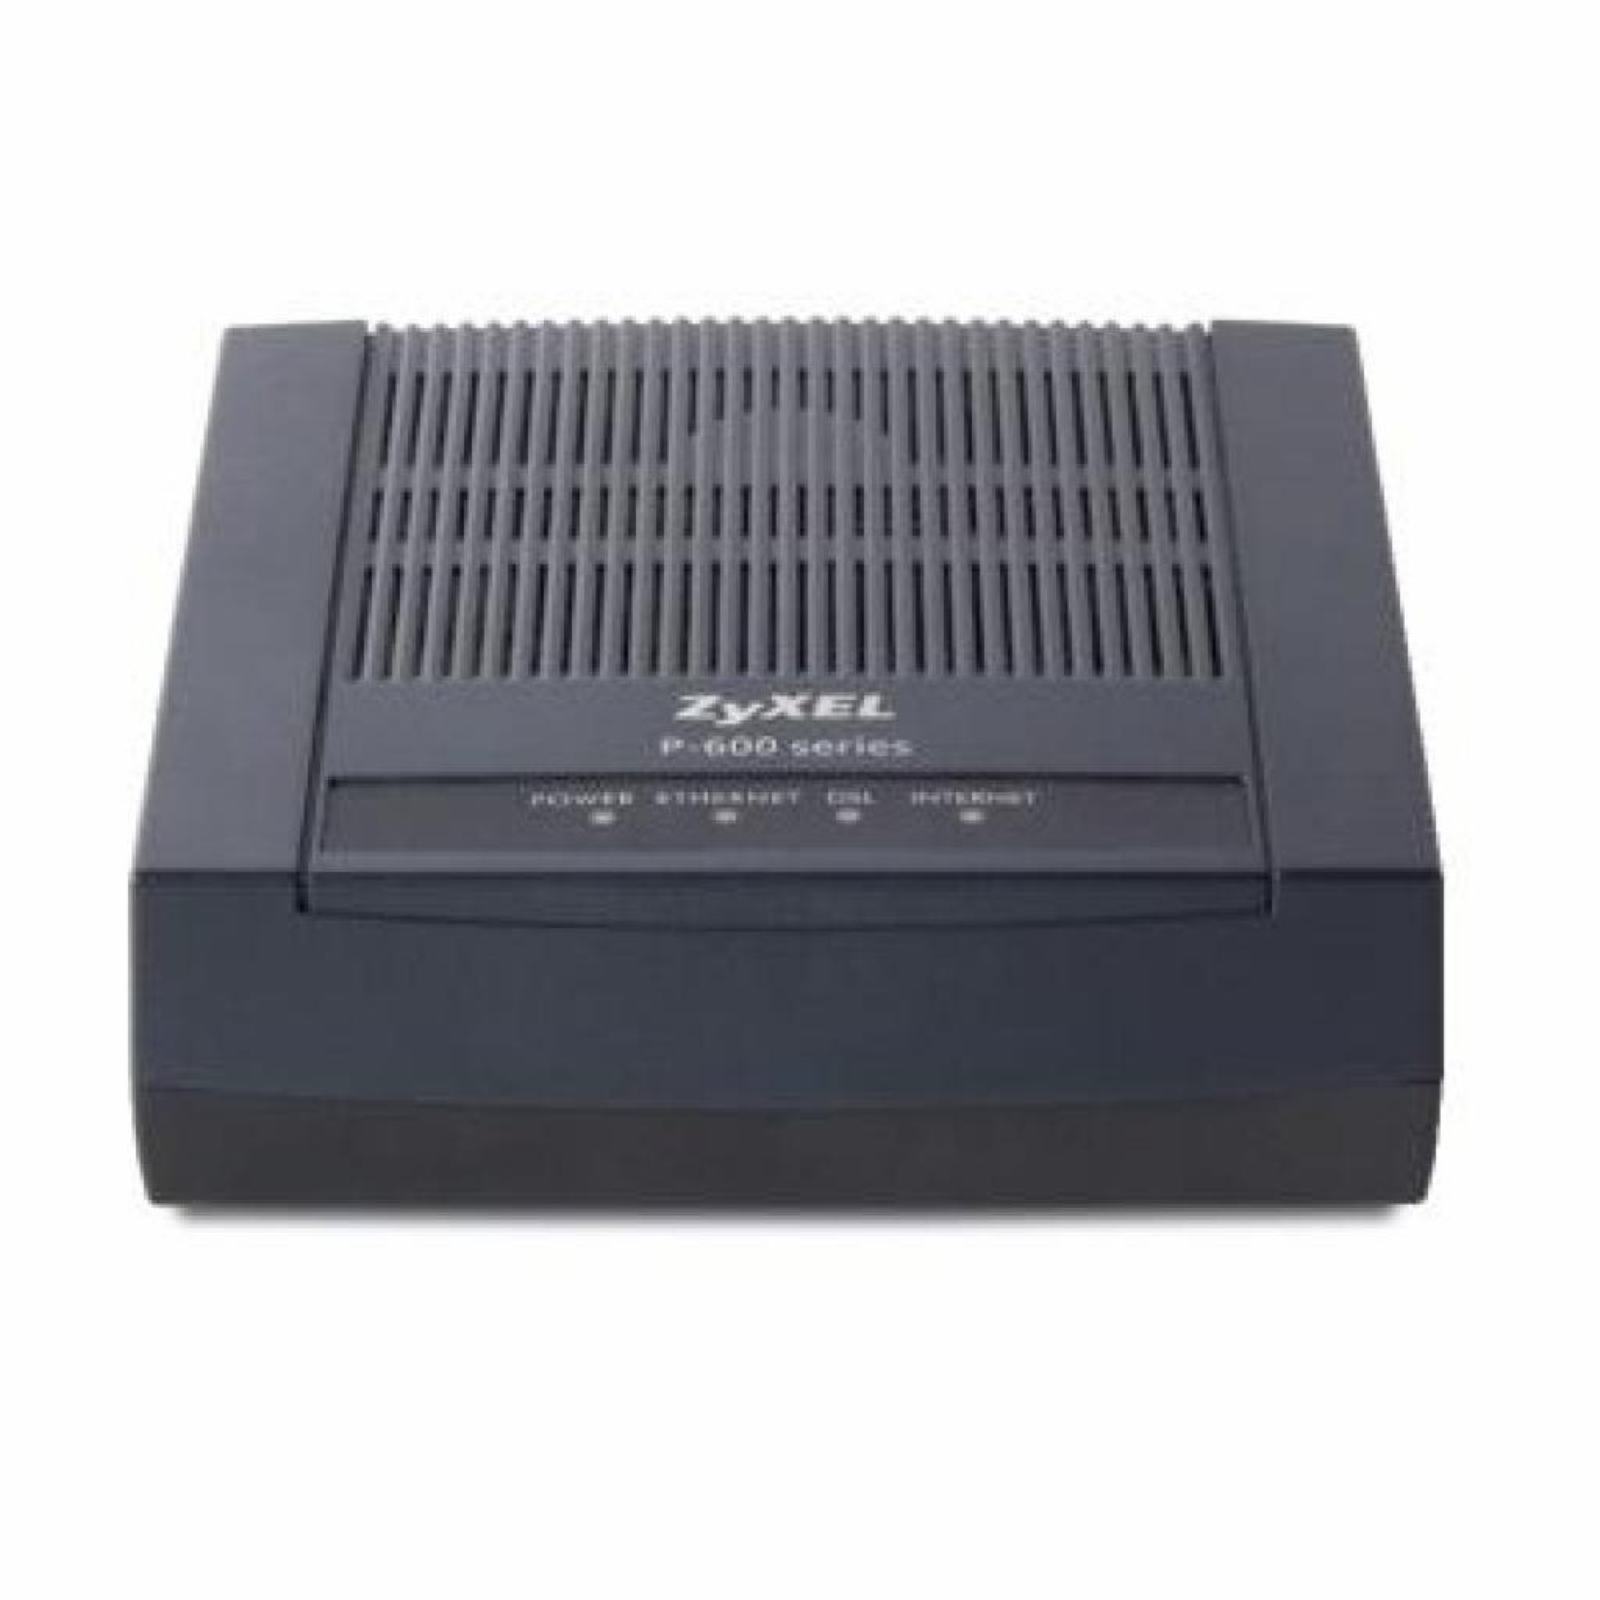 Модем ZyXel P-660RT3 EE